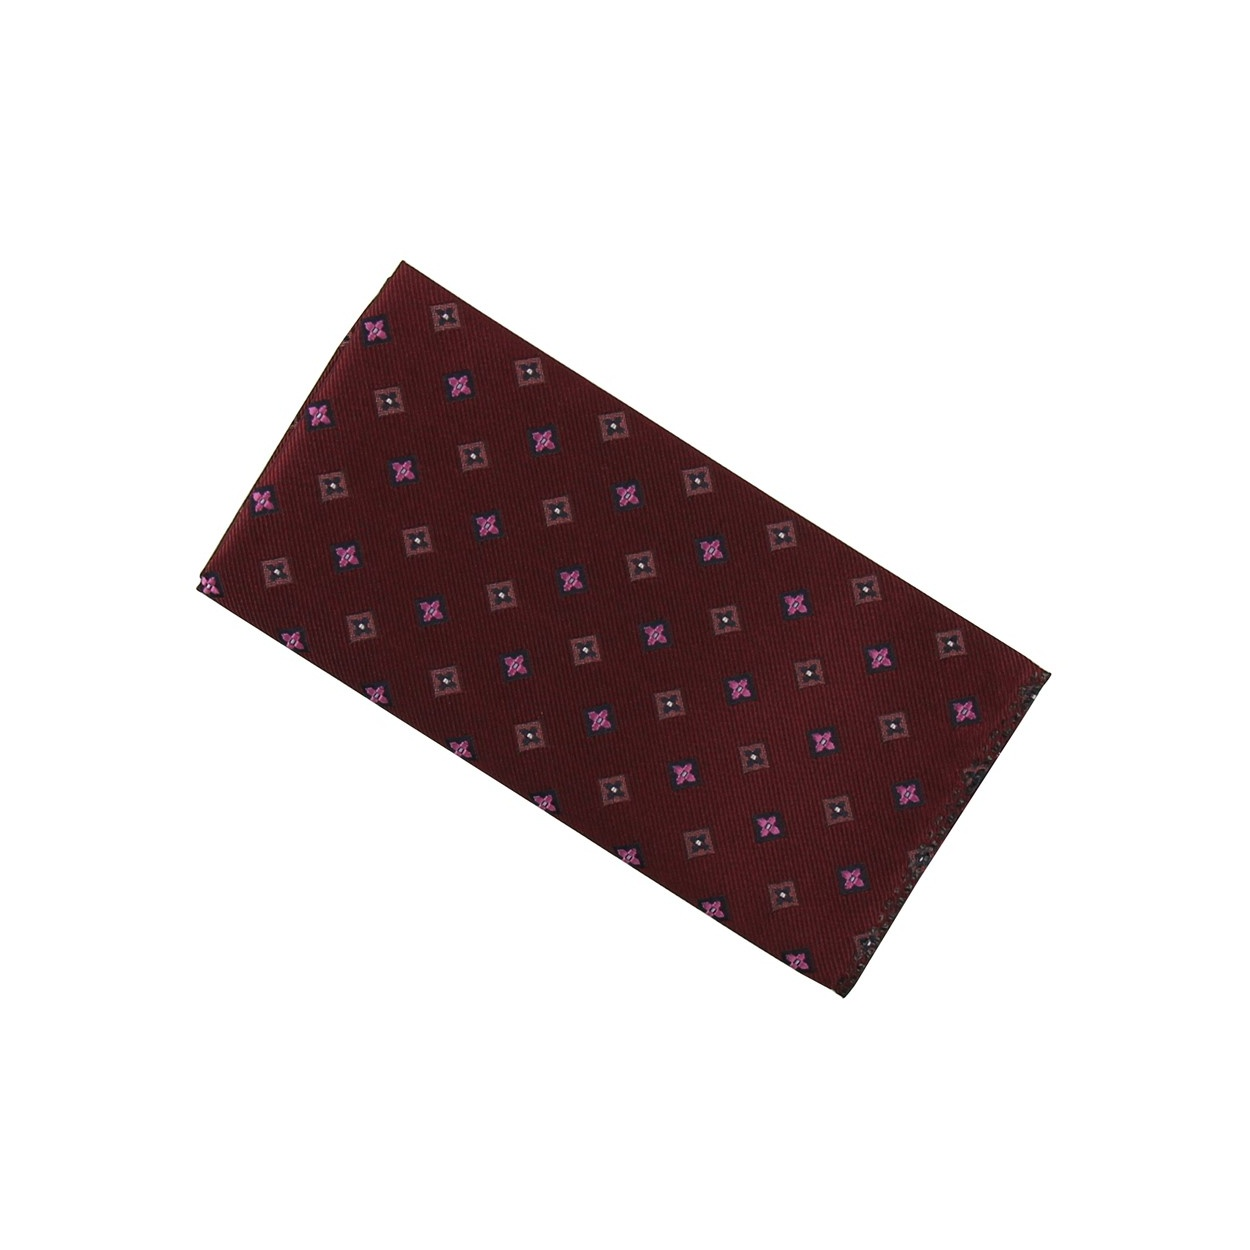 Vínově červený pánský kapesníček do saka s růžovými květy